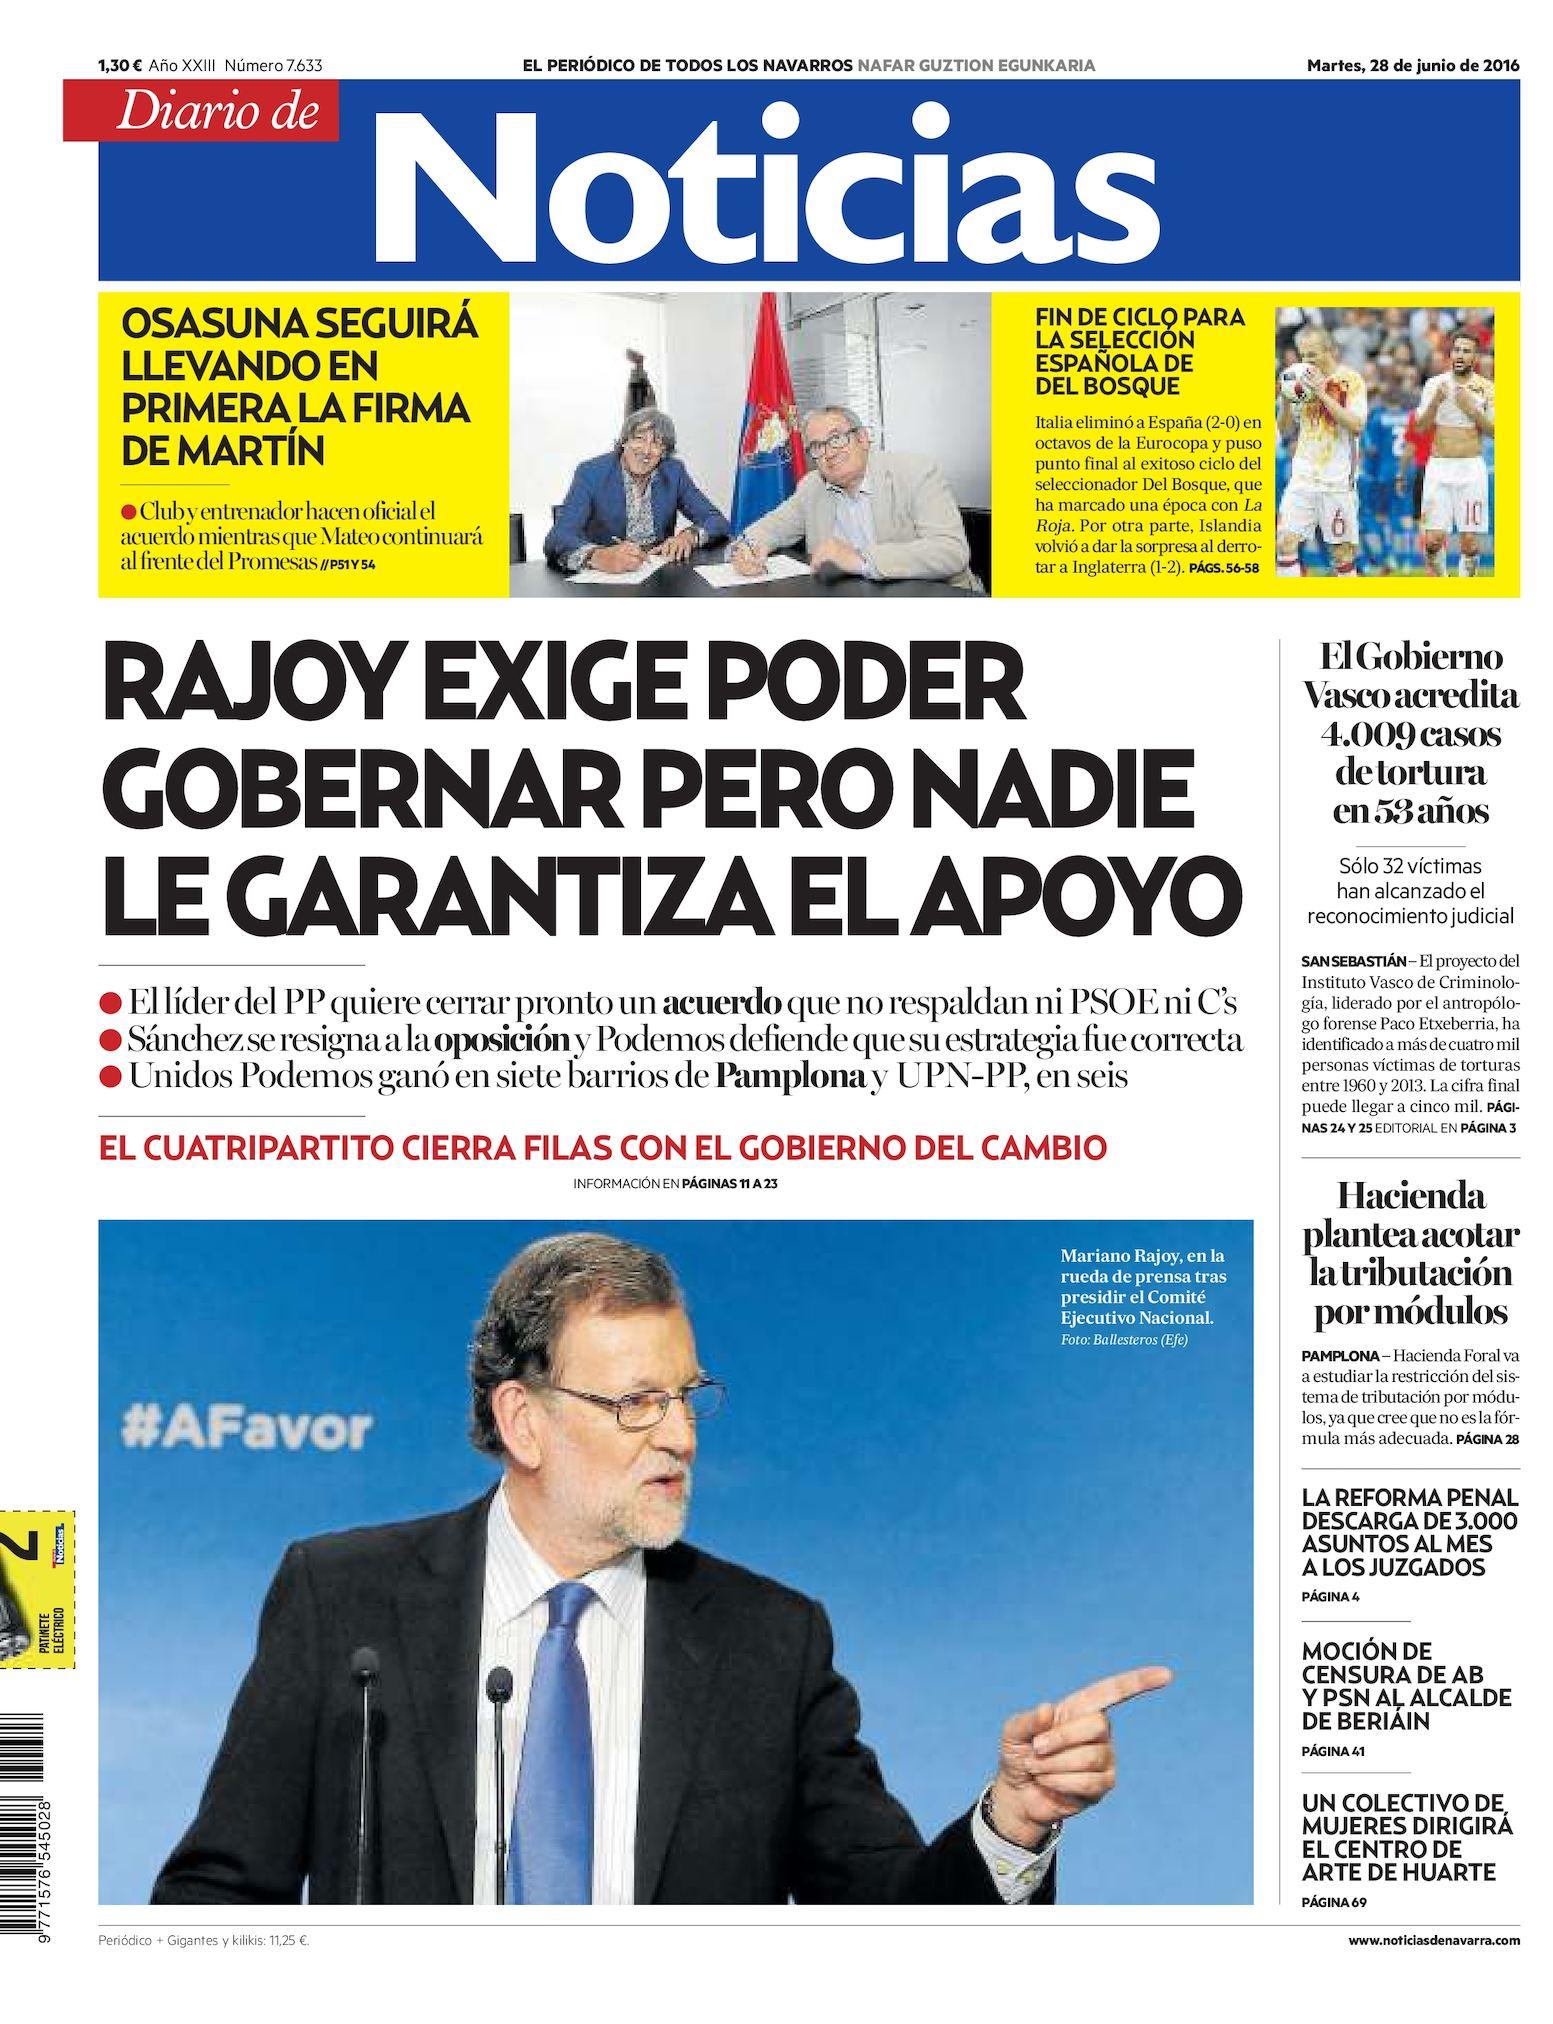 Calaméo - Diario de Noticias 20160628 fb4d4a48e7b0f